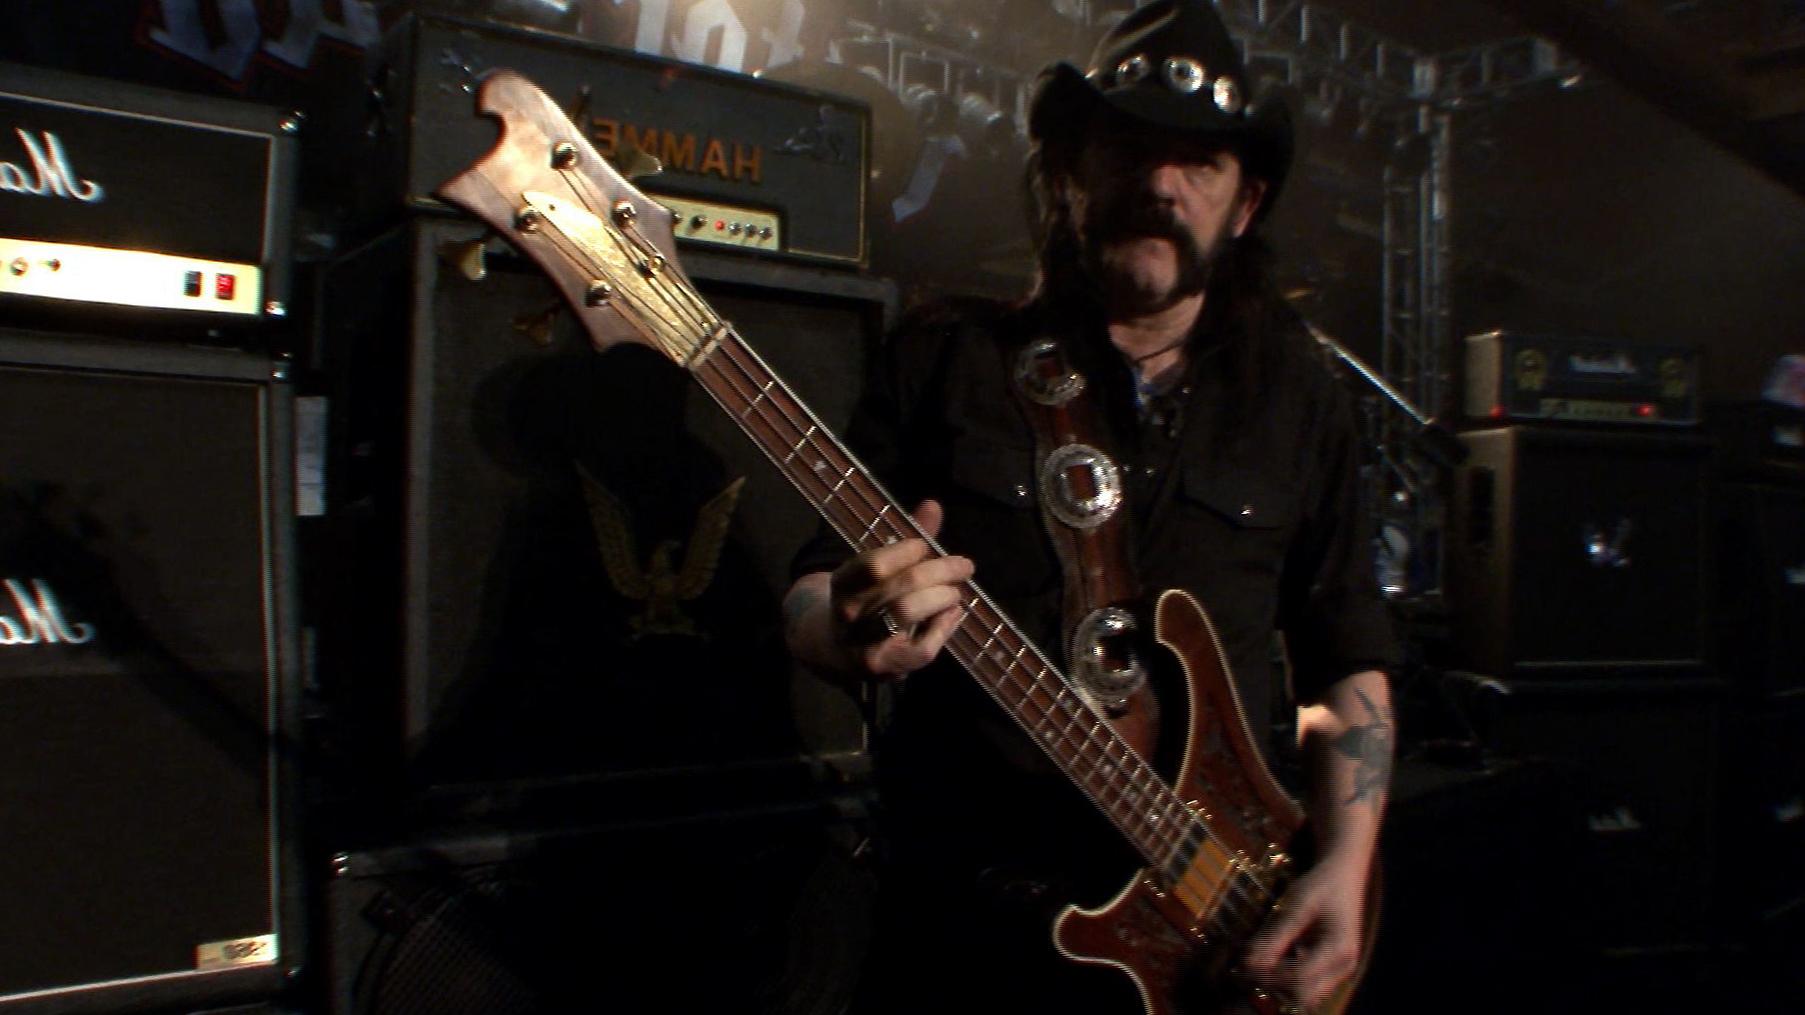 Lemmy Kilmister Rock Music Motorhead Wallpaper Hd Widescreen 1805x1015